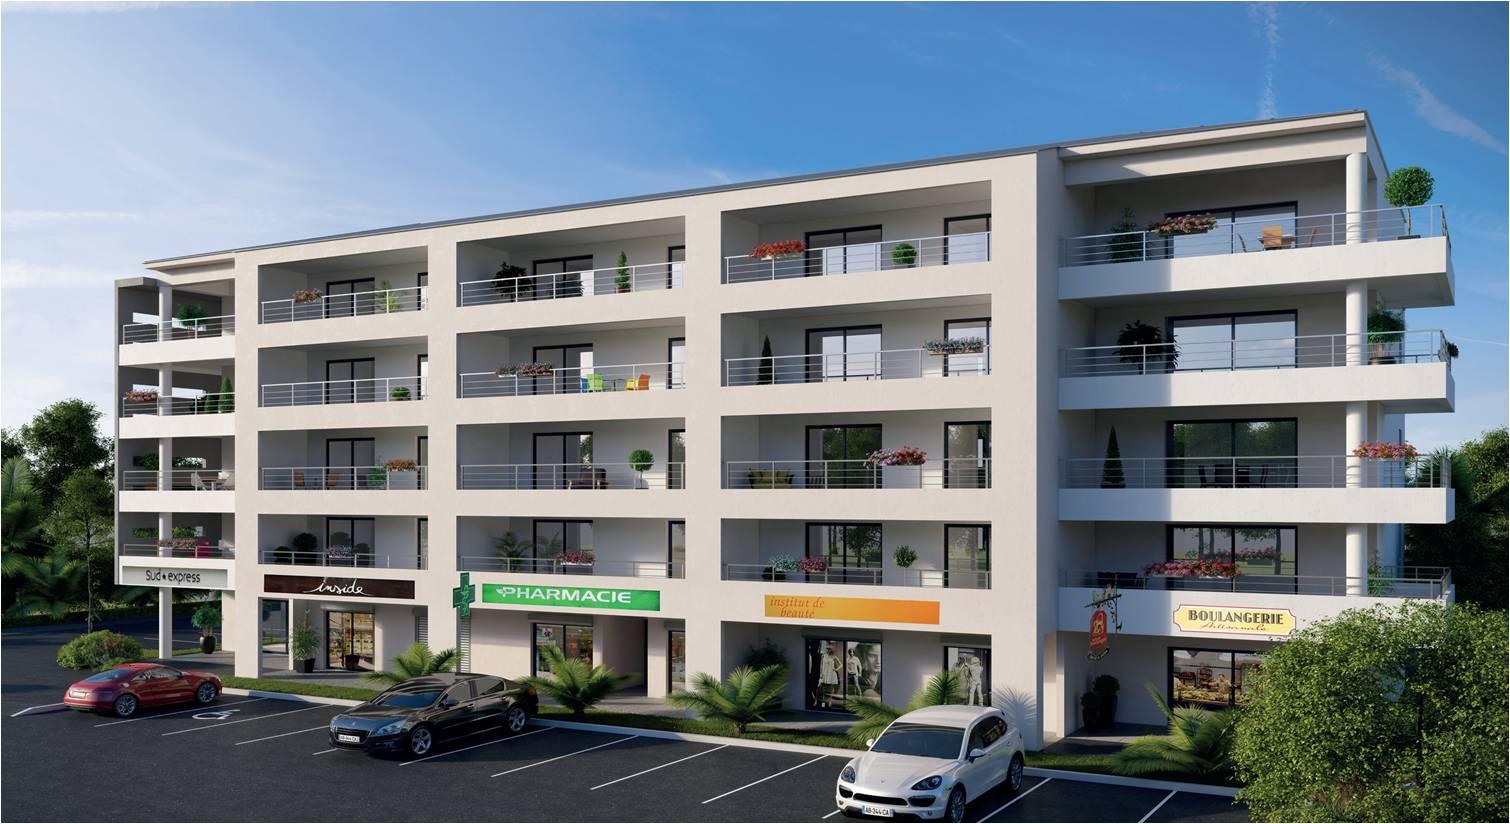 Se faire accompagner lors de son investissement dans un programme immobilier à Montpellier